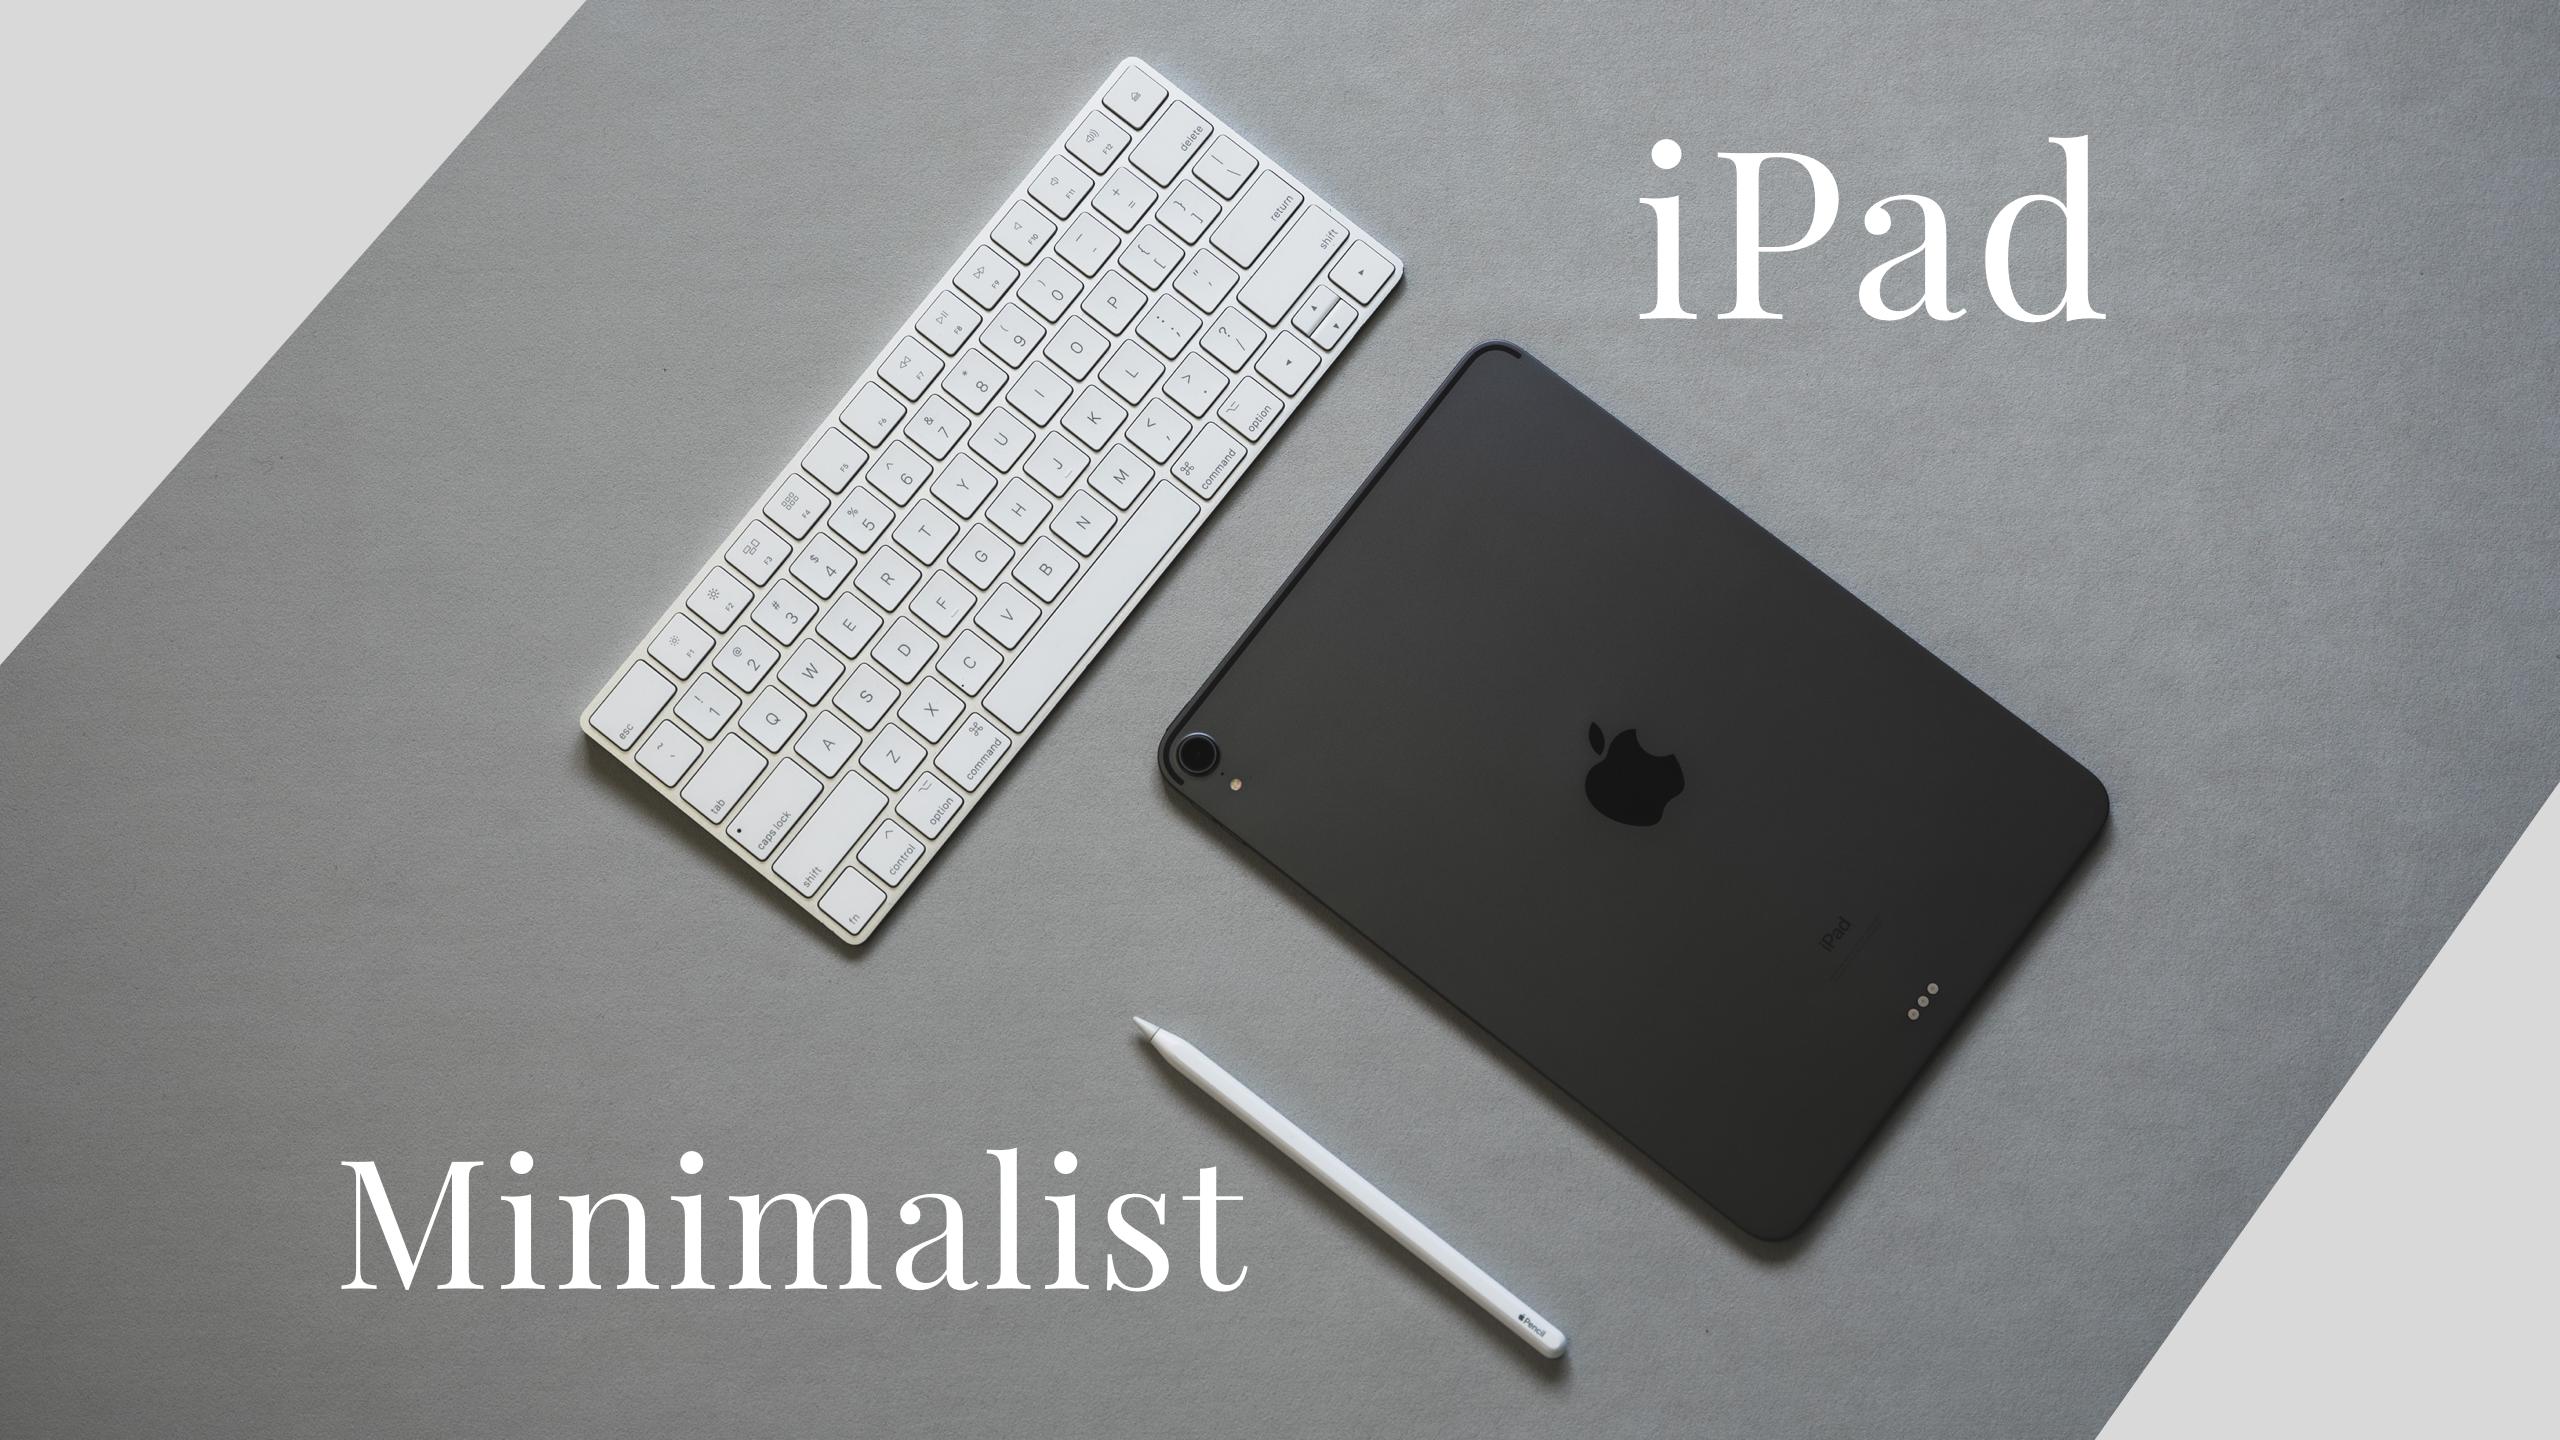 【ミニマリストにiPadはいらない?】むしろミニマリズムを促進する理由を解説します。